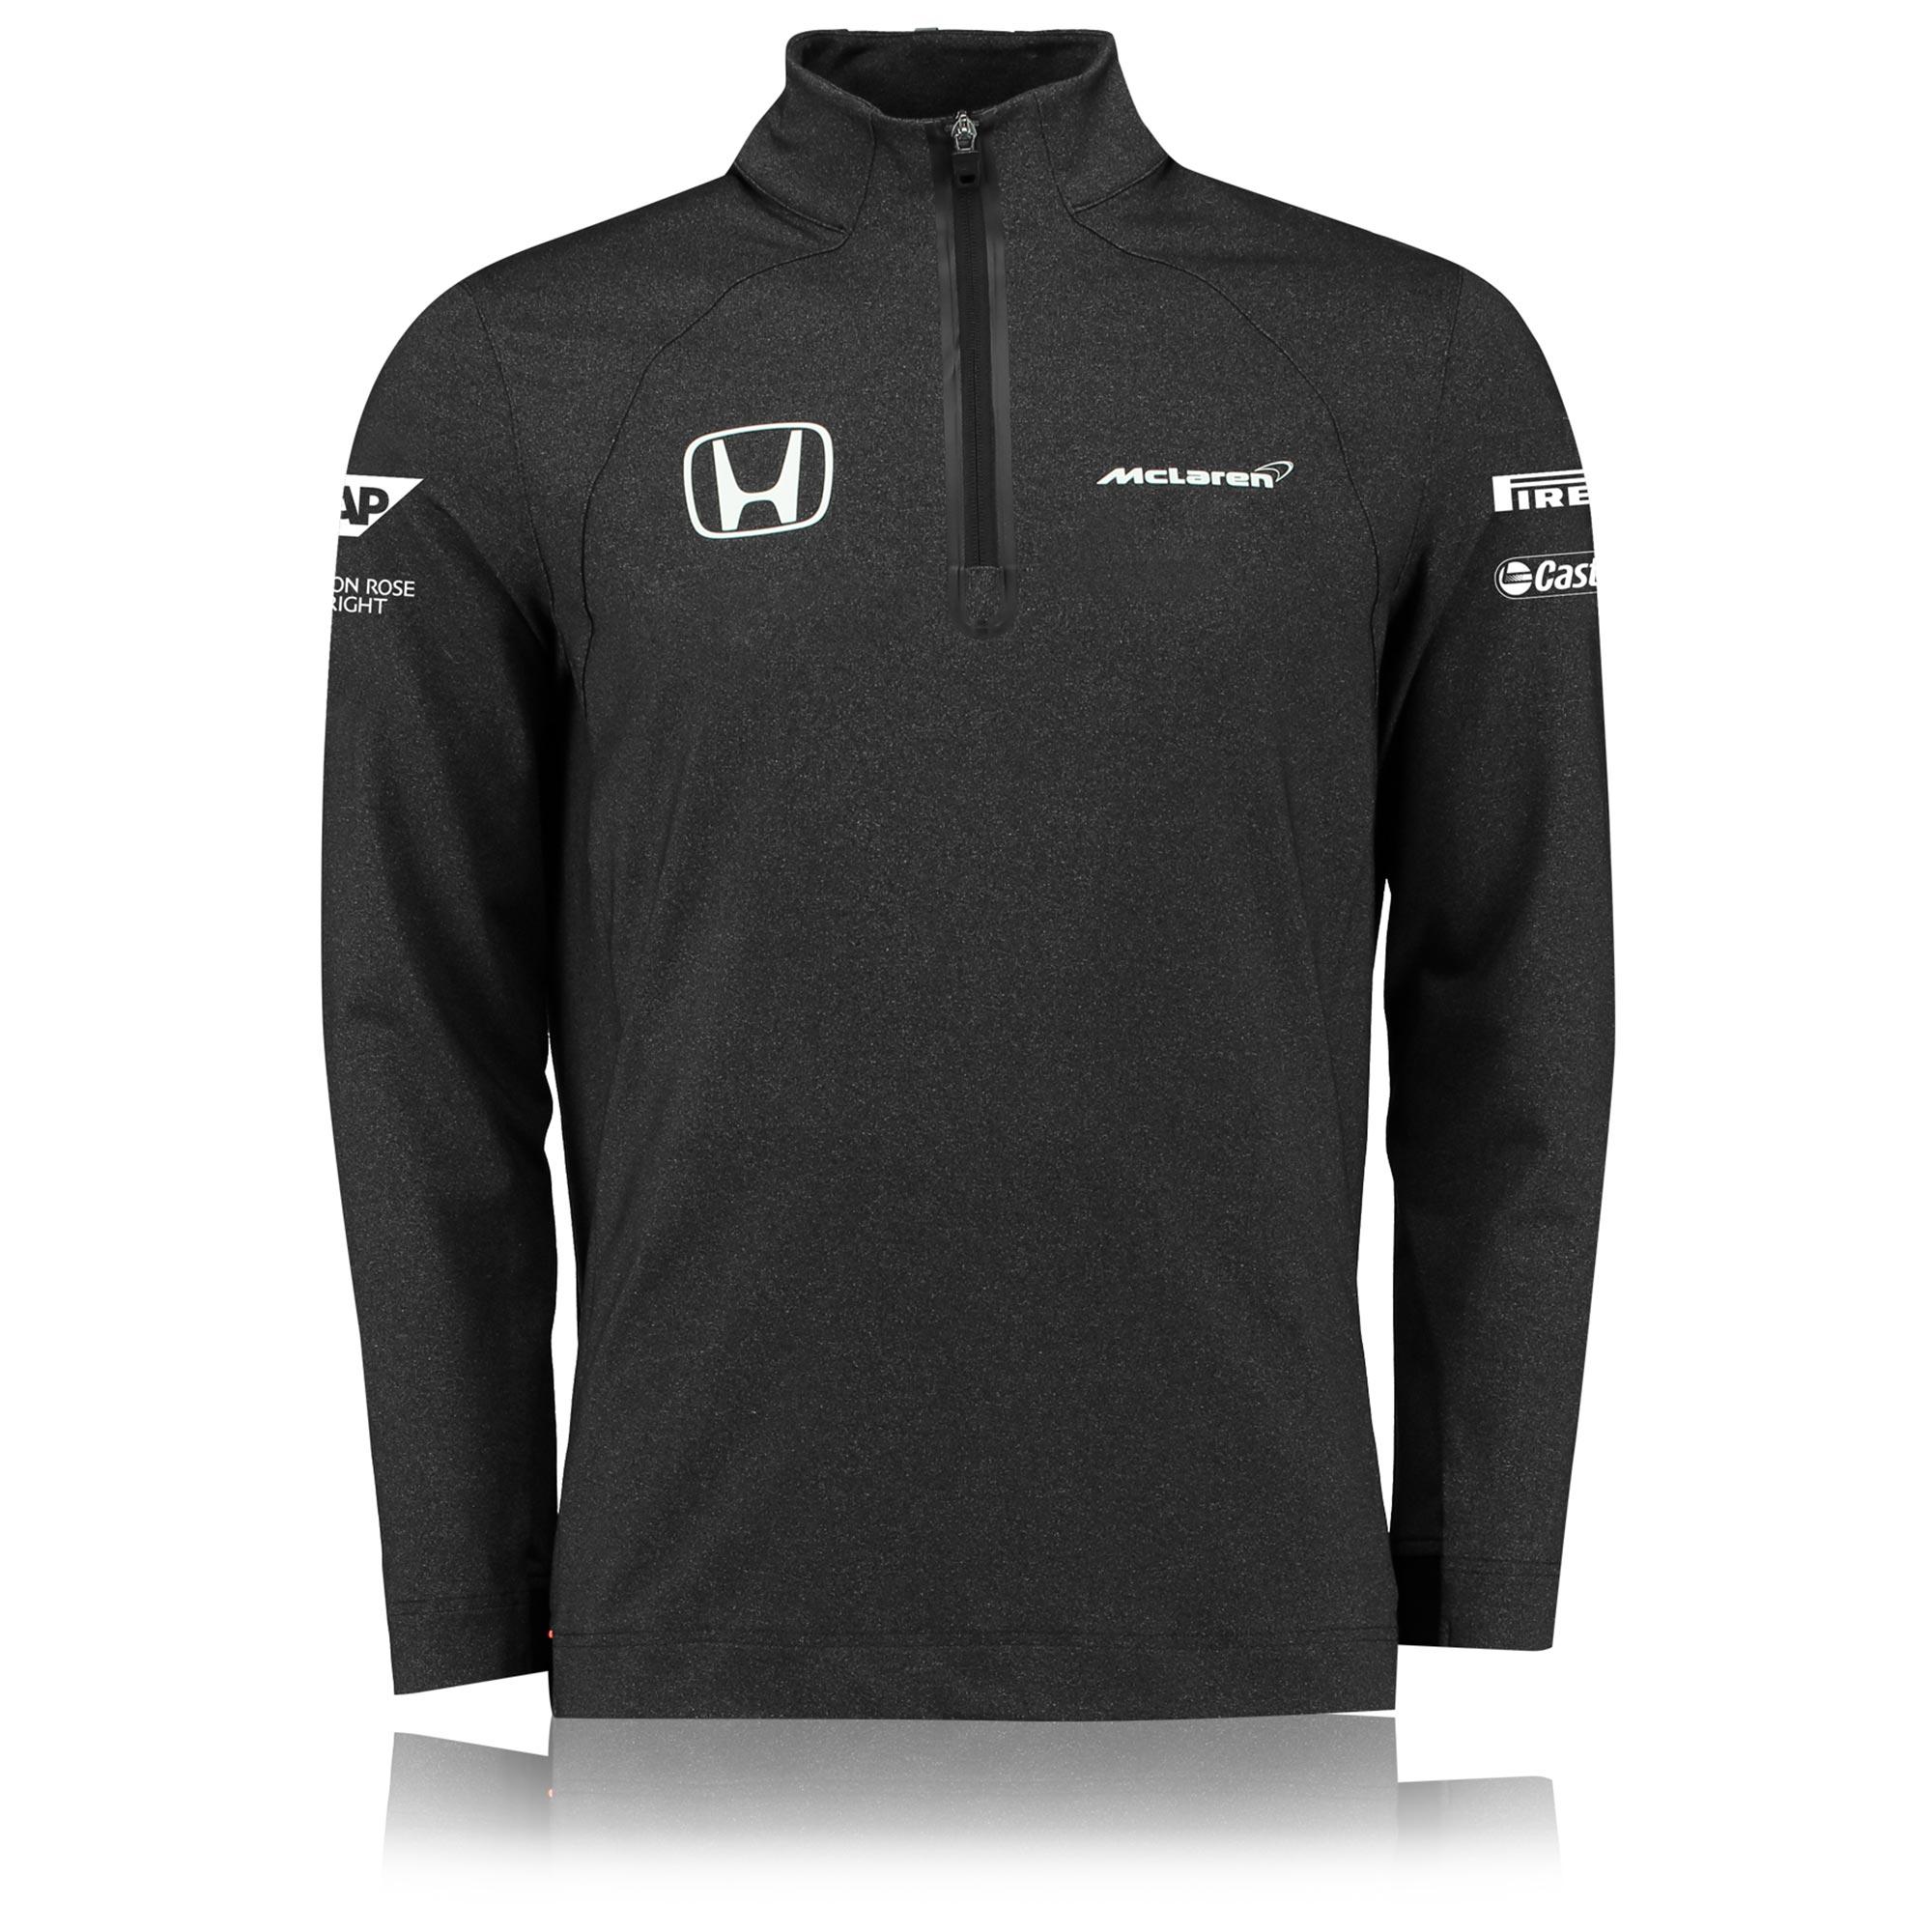 McLaren Honda Official 2017 Team 1/4 Zip Sweatshirt